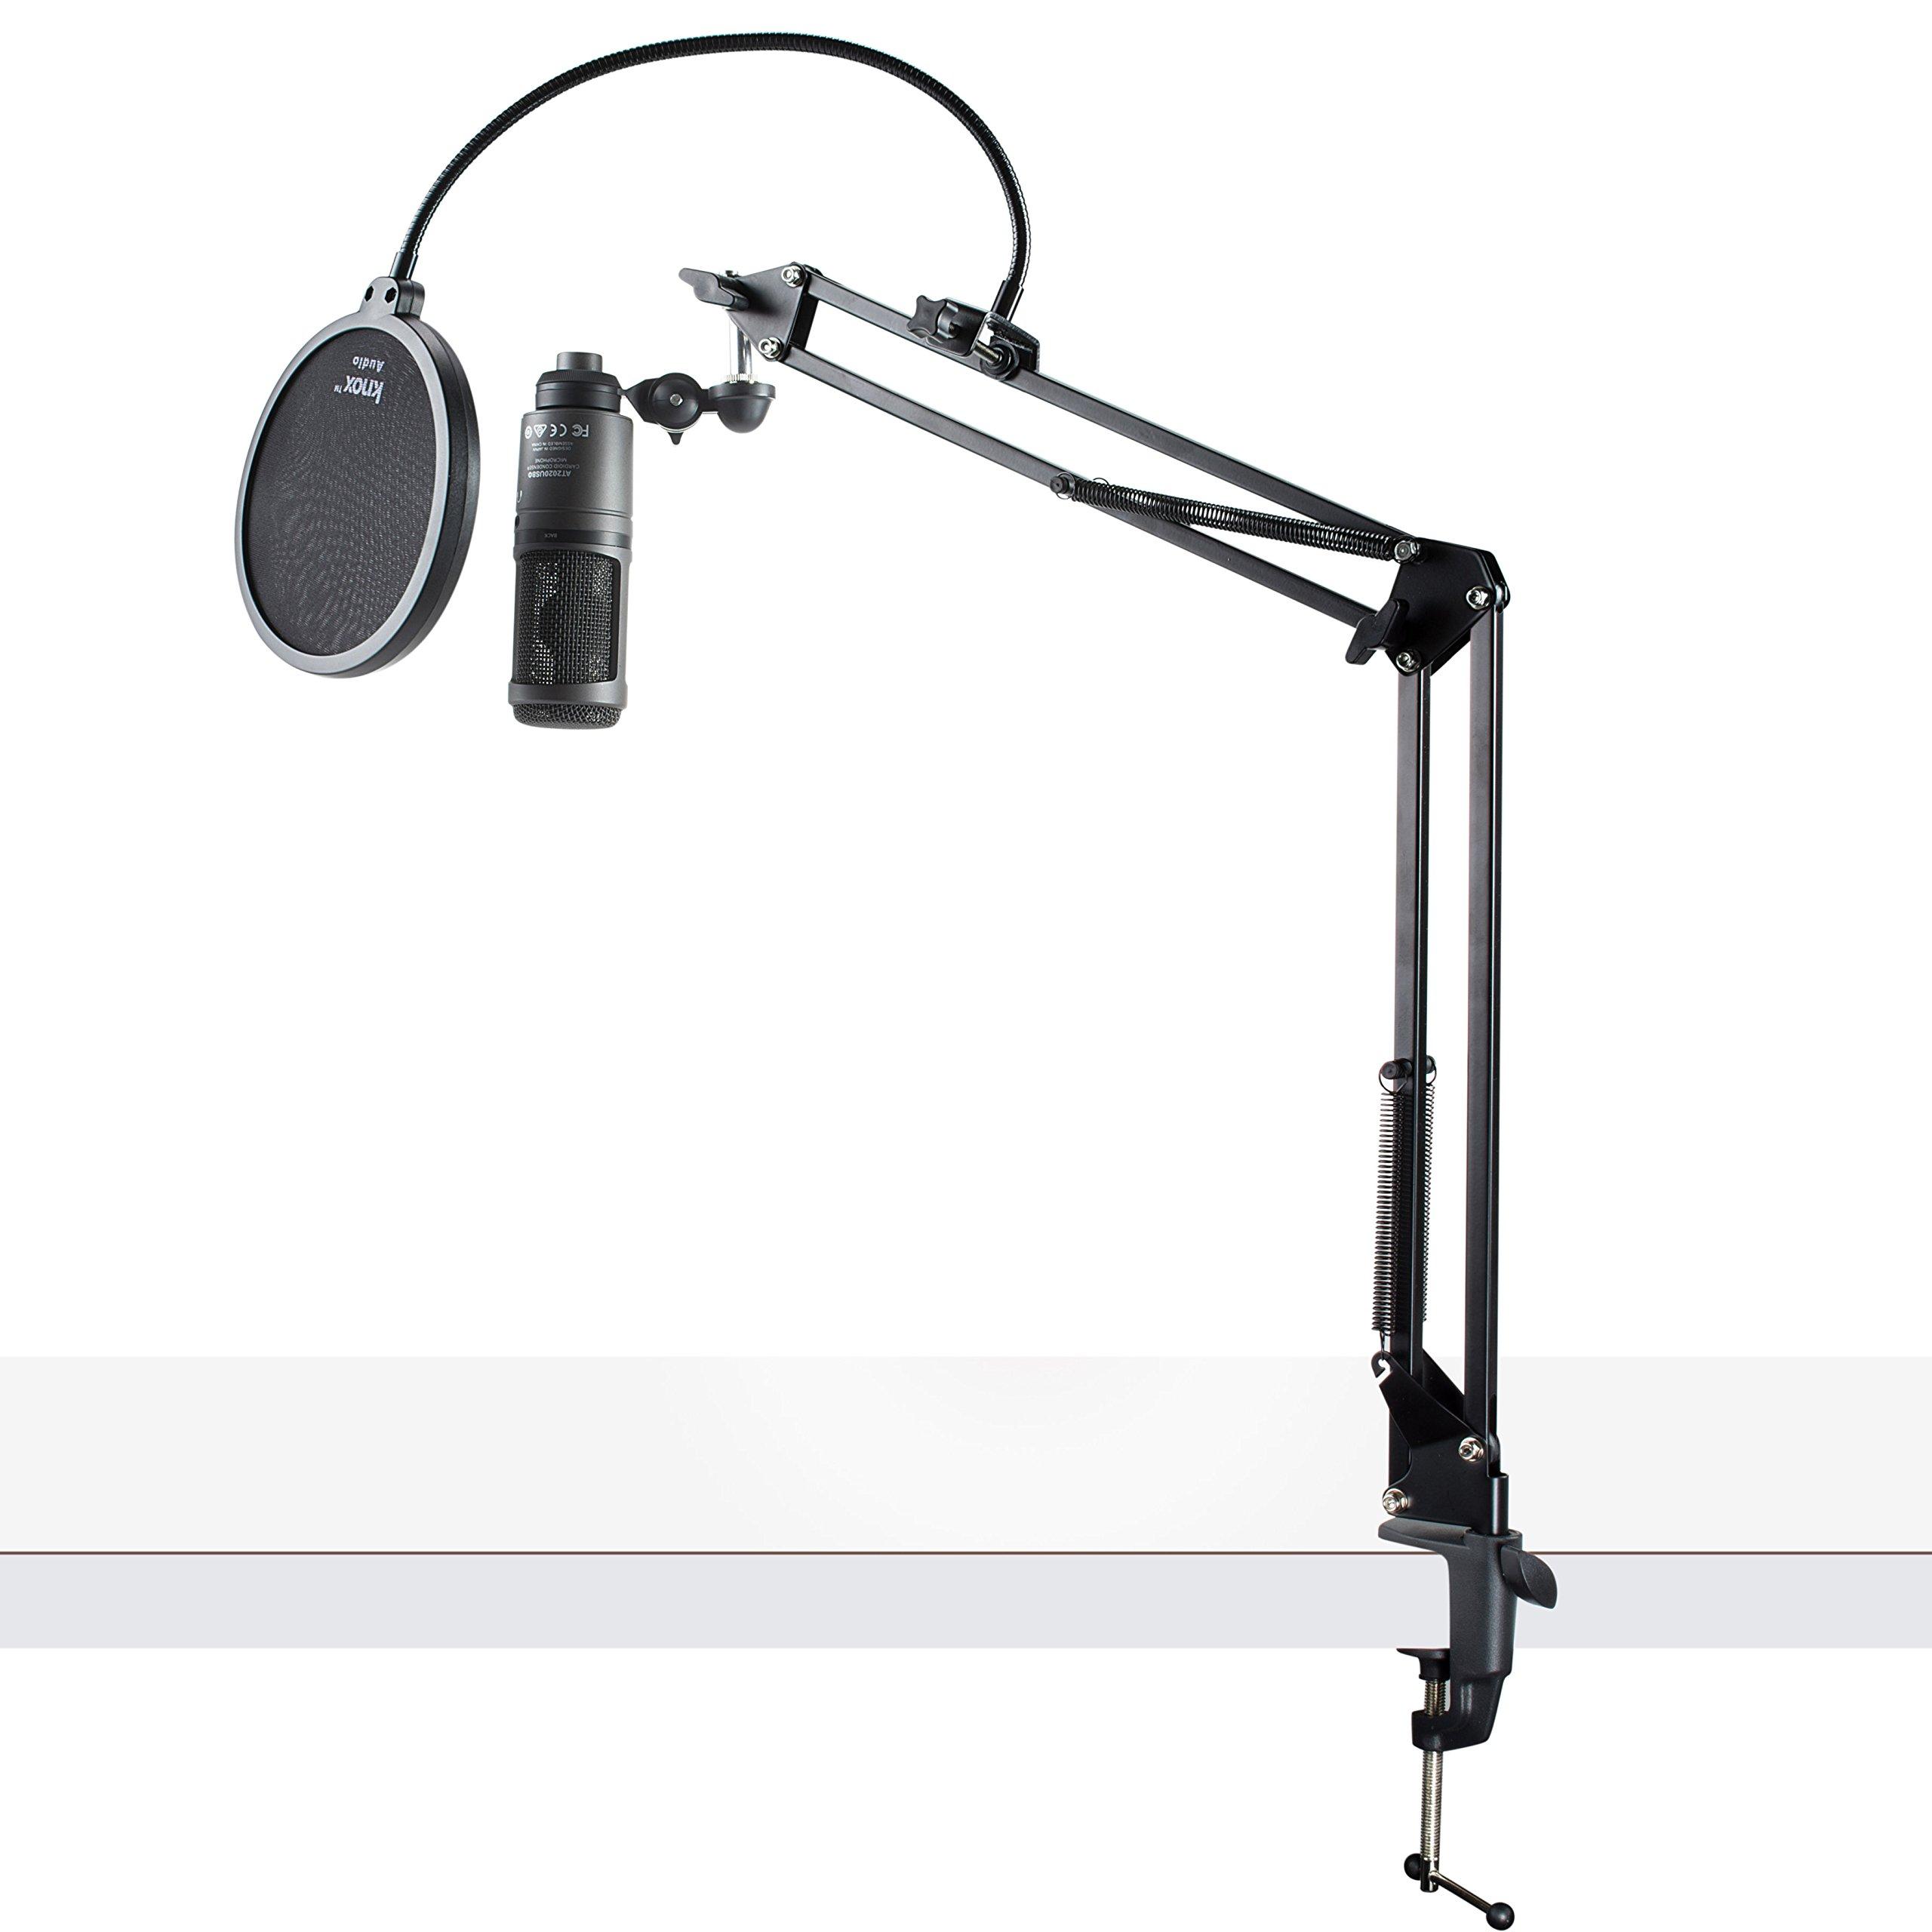 Audio-Technica AT2020USB + Micrófono USB de condensador con filtro Pop Knox y brazo de brazo